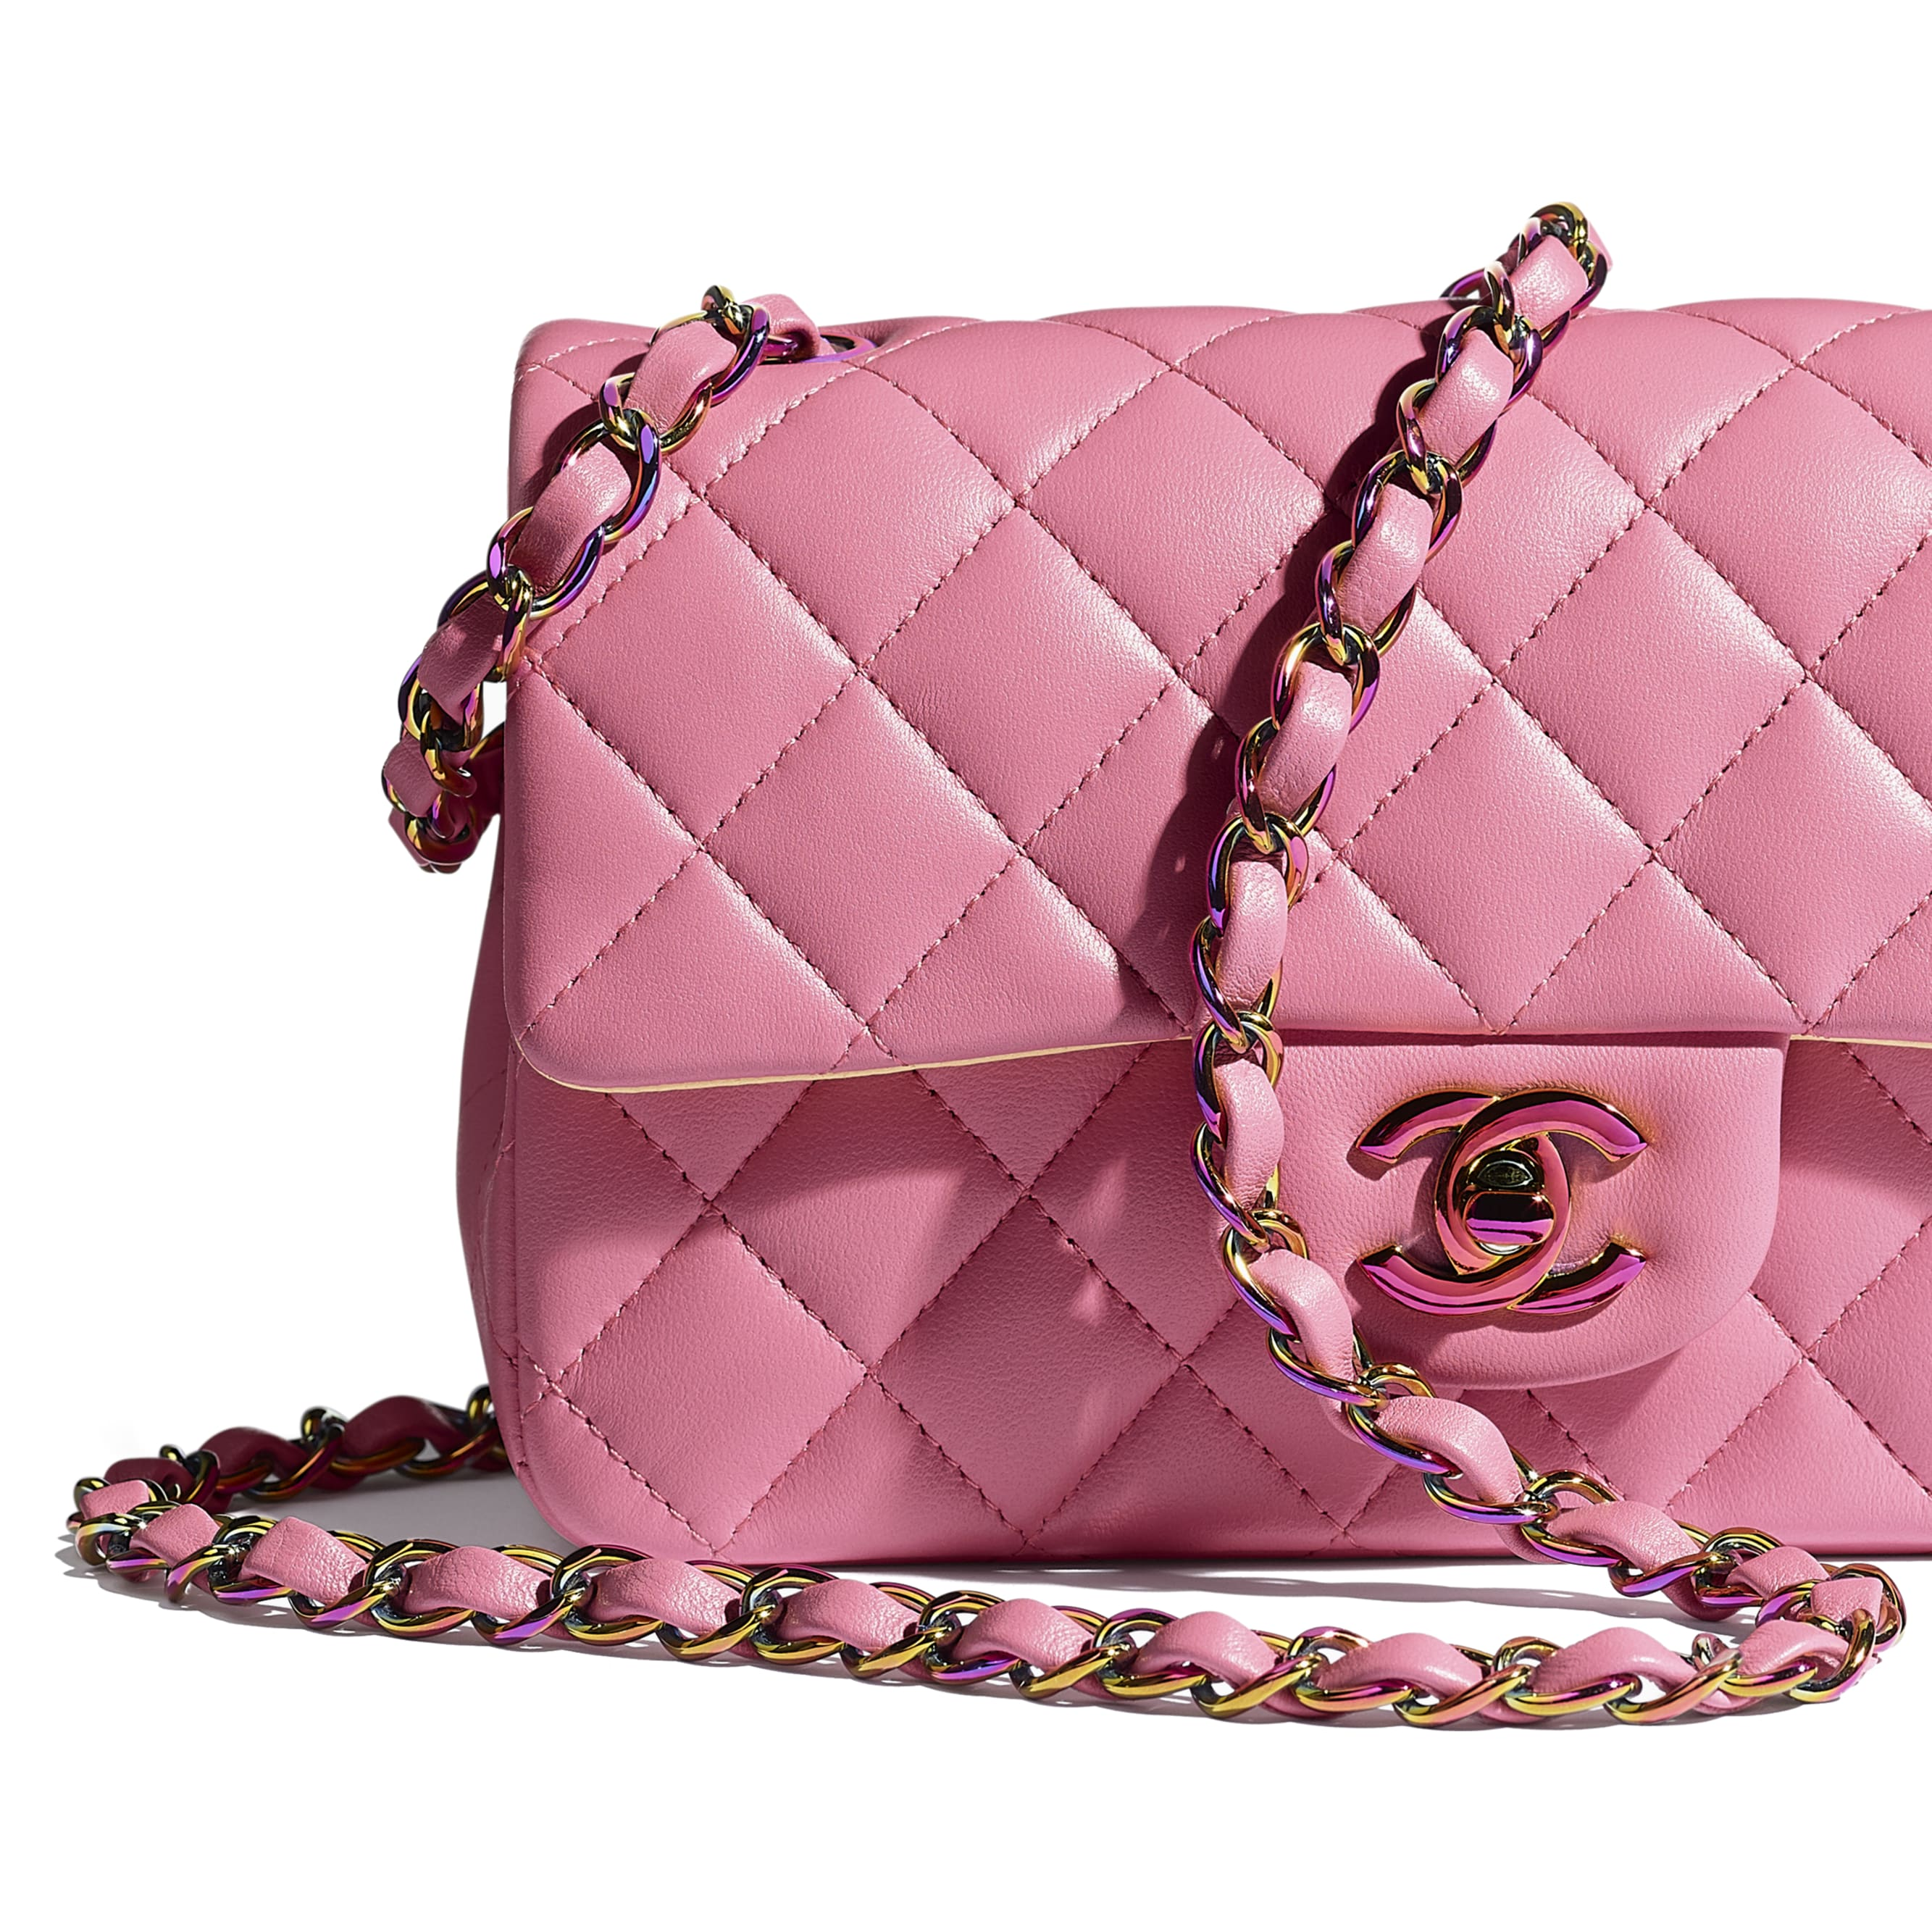 Сумка-конверт - Розовый - Кожа ягненка и радужный металл - CHANEL - Дополнительное изображение - посмотреть изображение стандартного размера